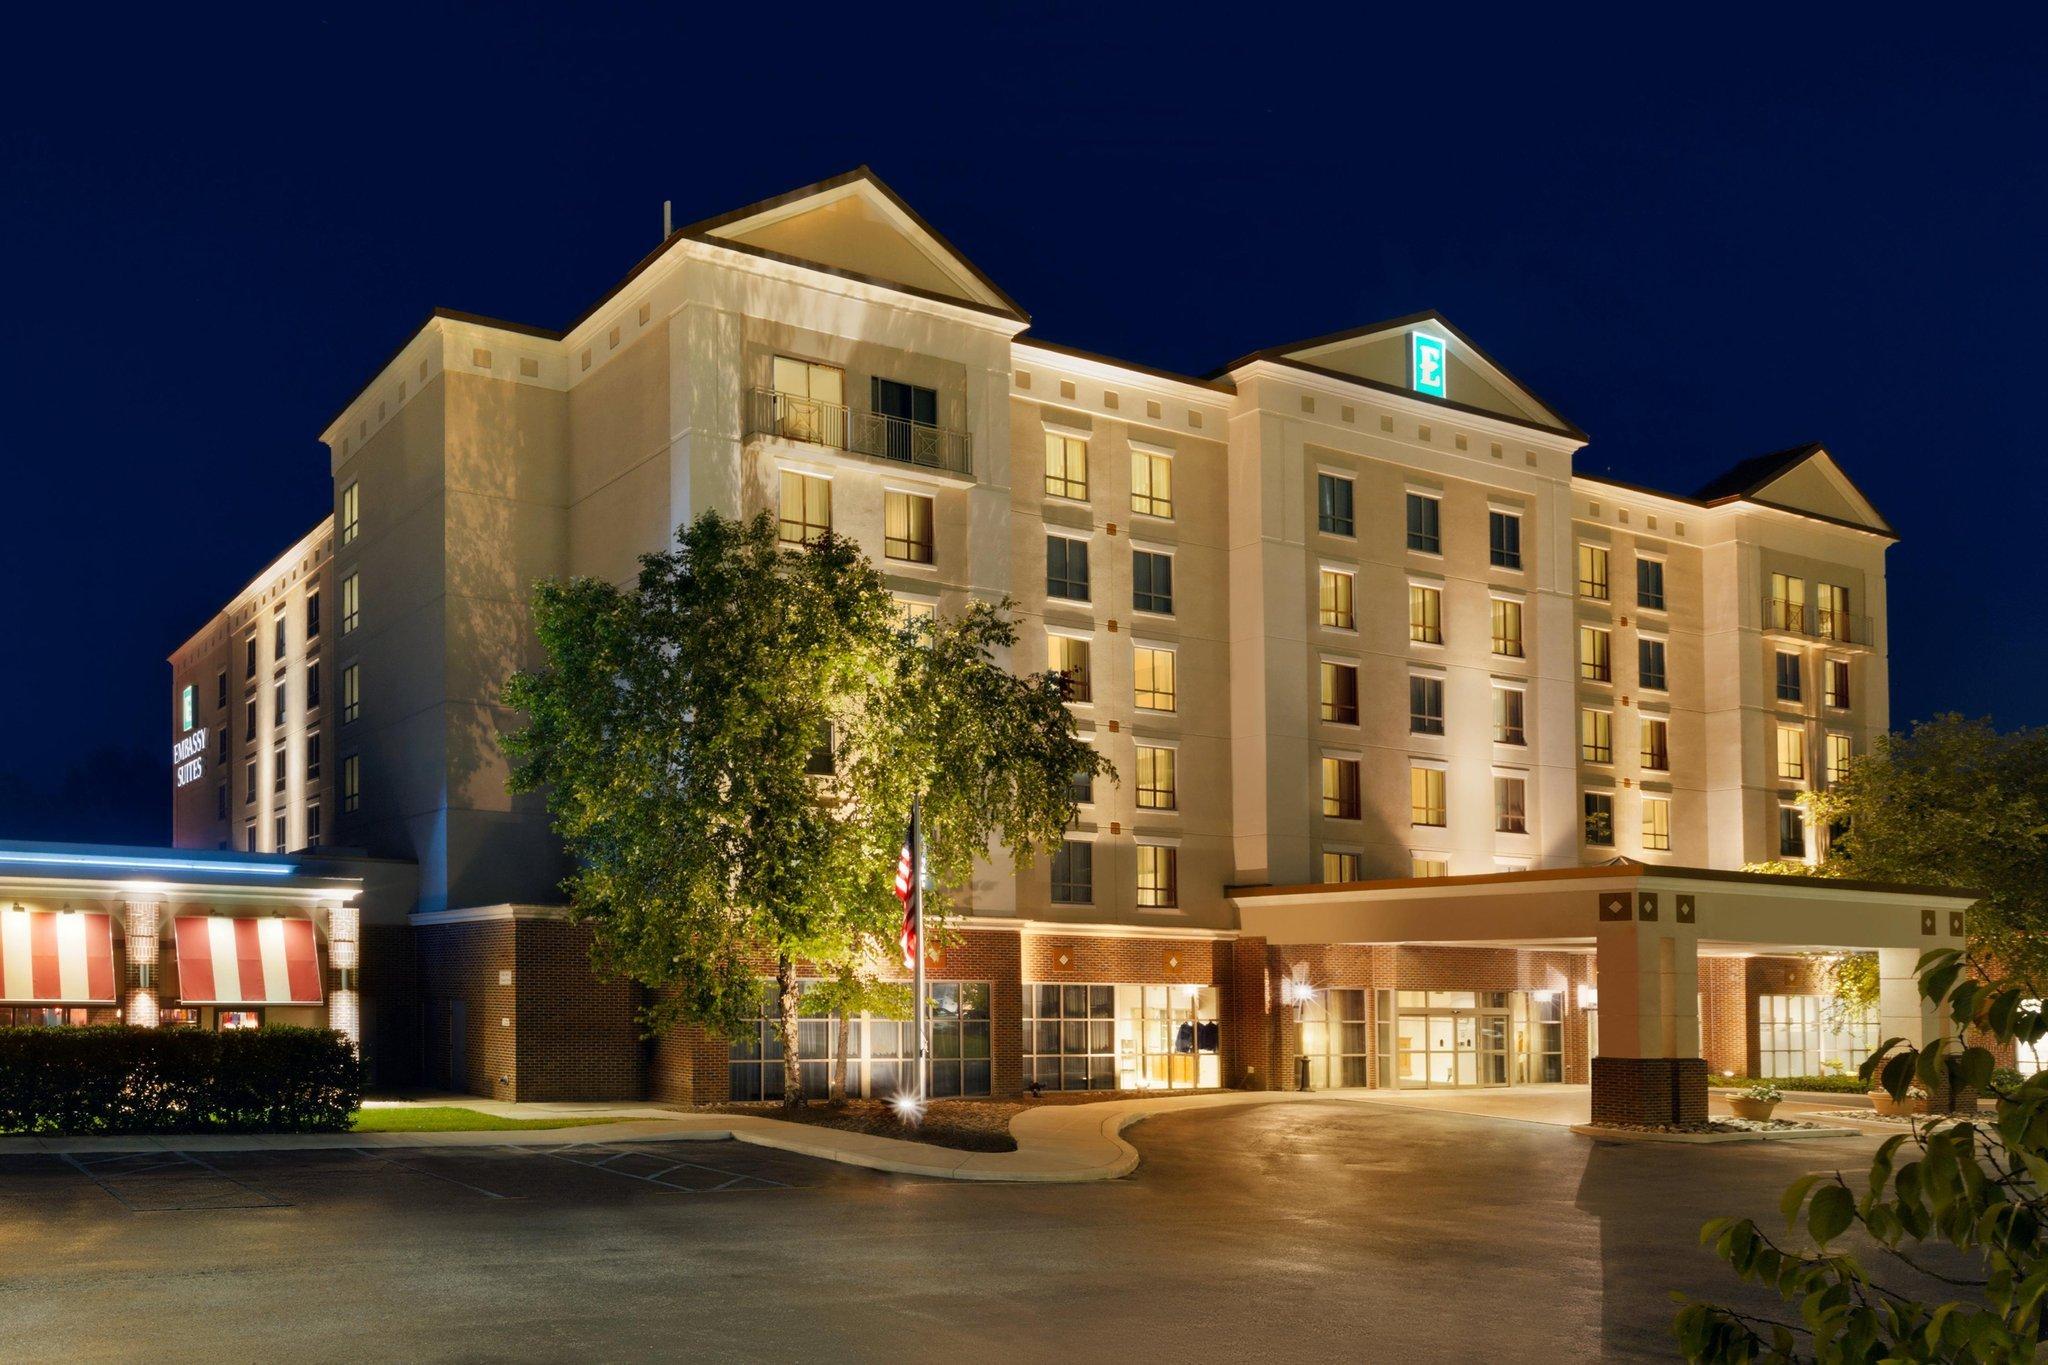 紐華克威明頓南大使套房飯店